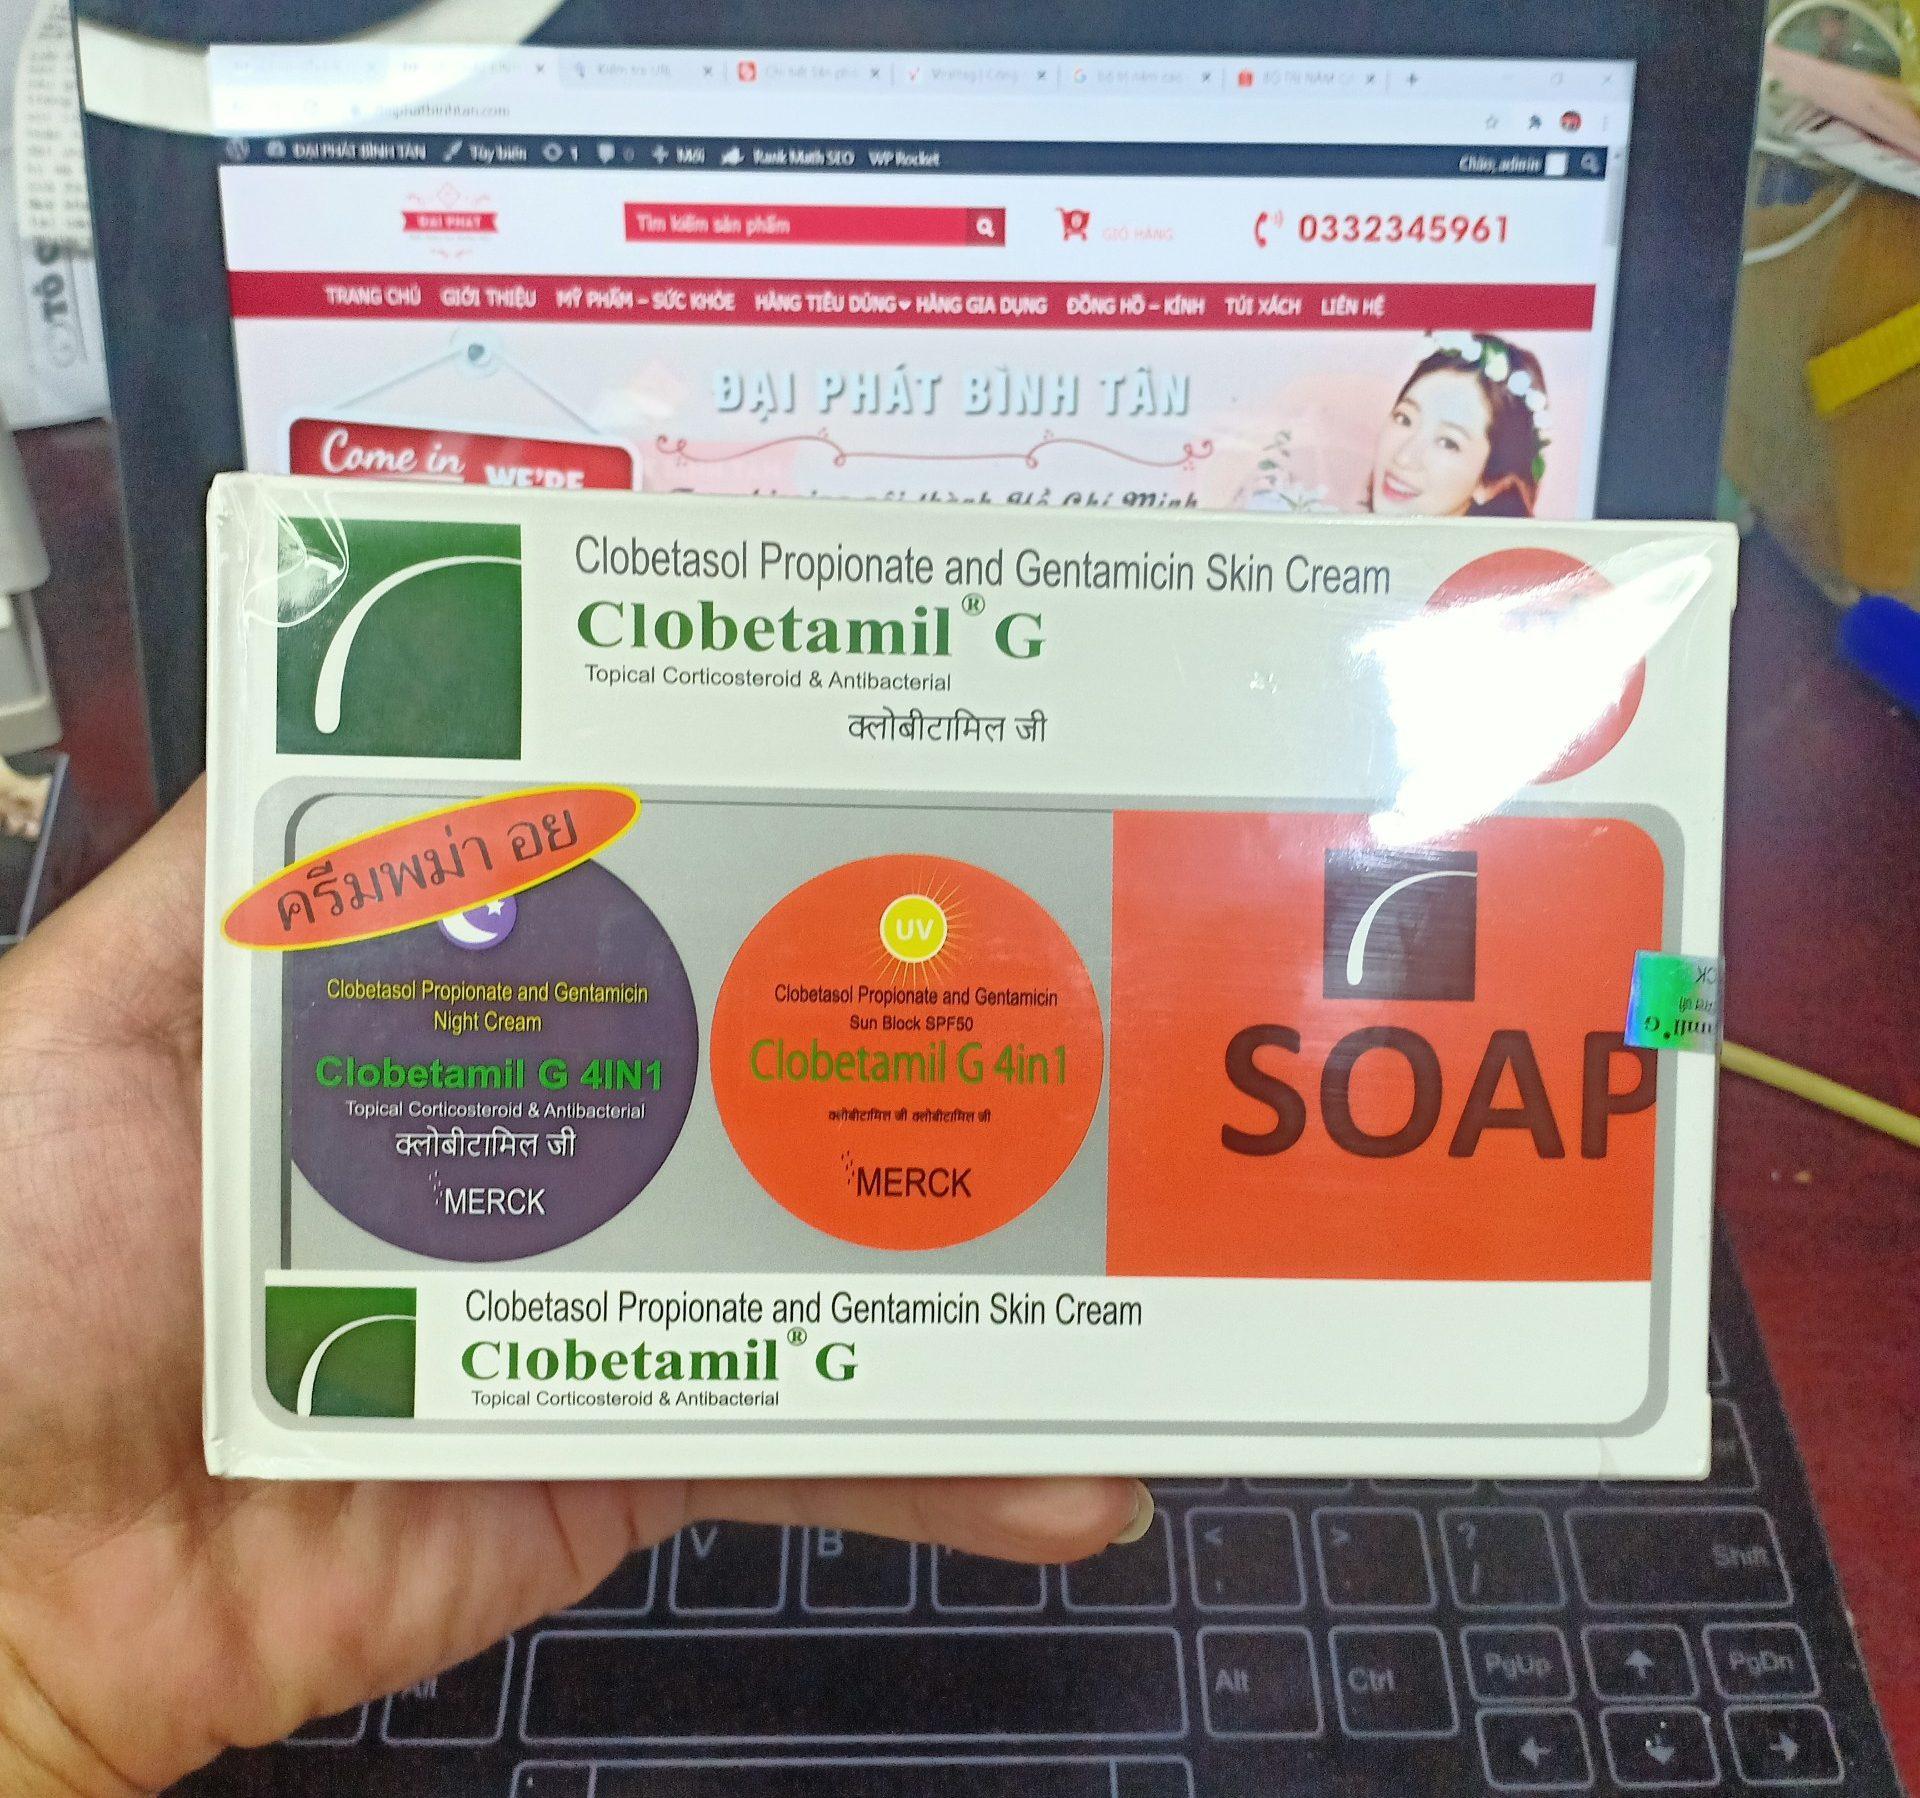 bộ kem trị nám tàn nhanh cao cấp Clobetamil G